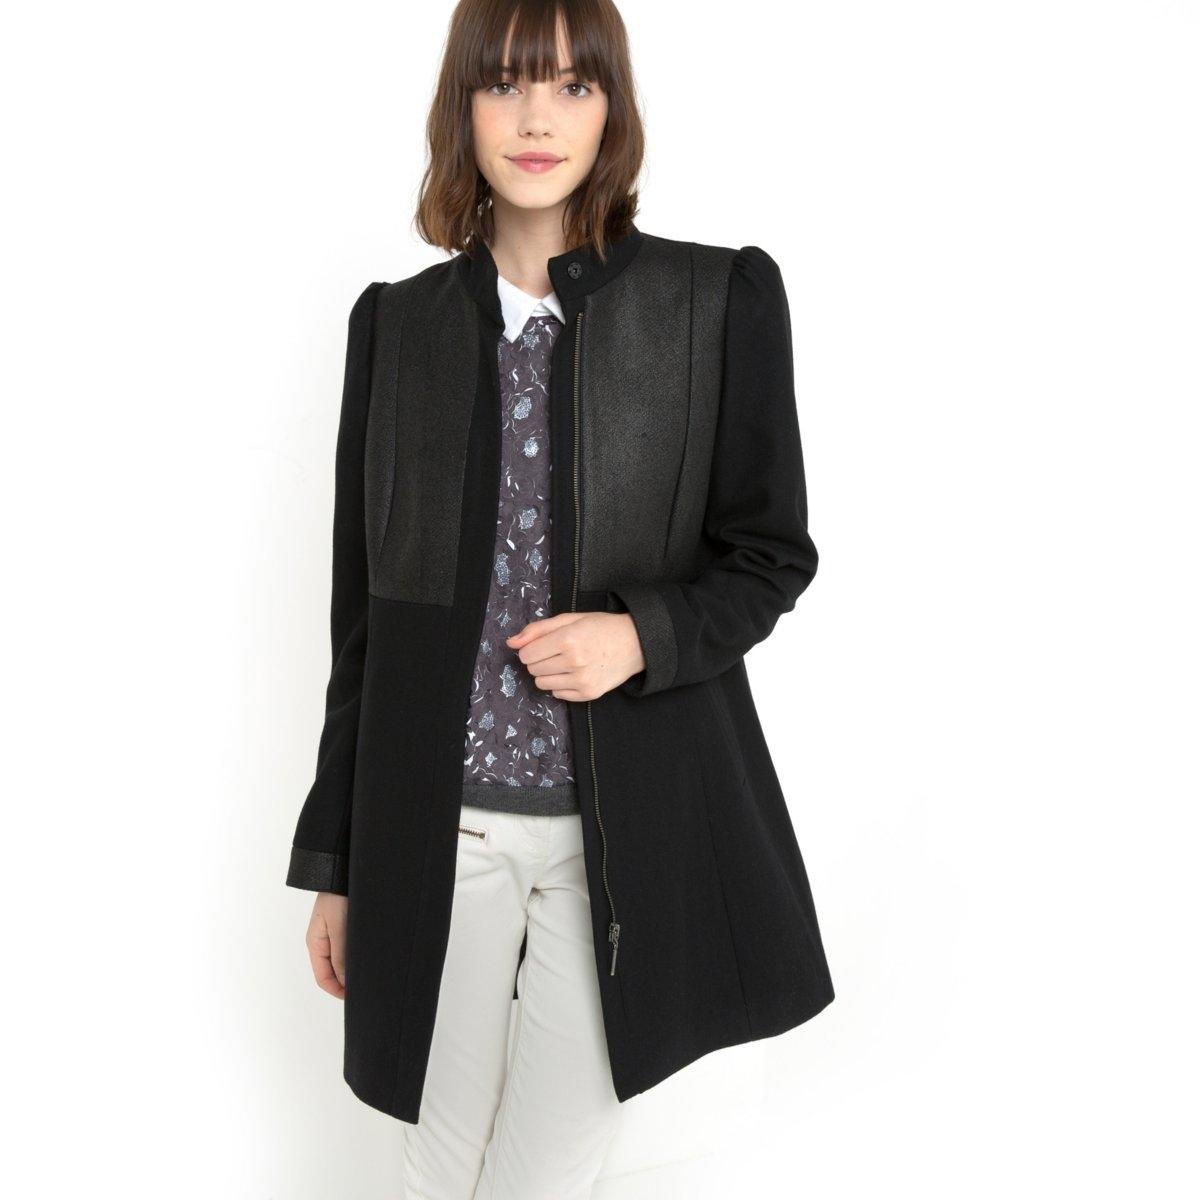 Пальто из двух материалов, 50% шерсти